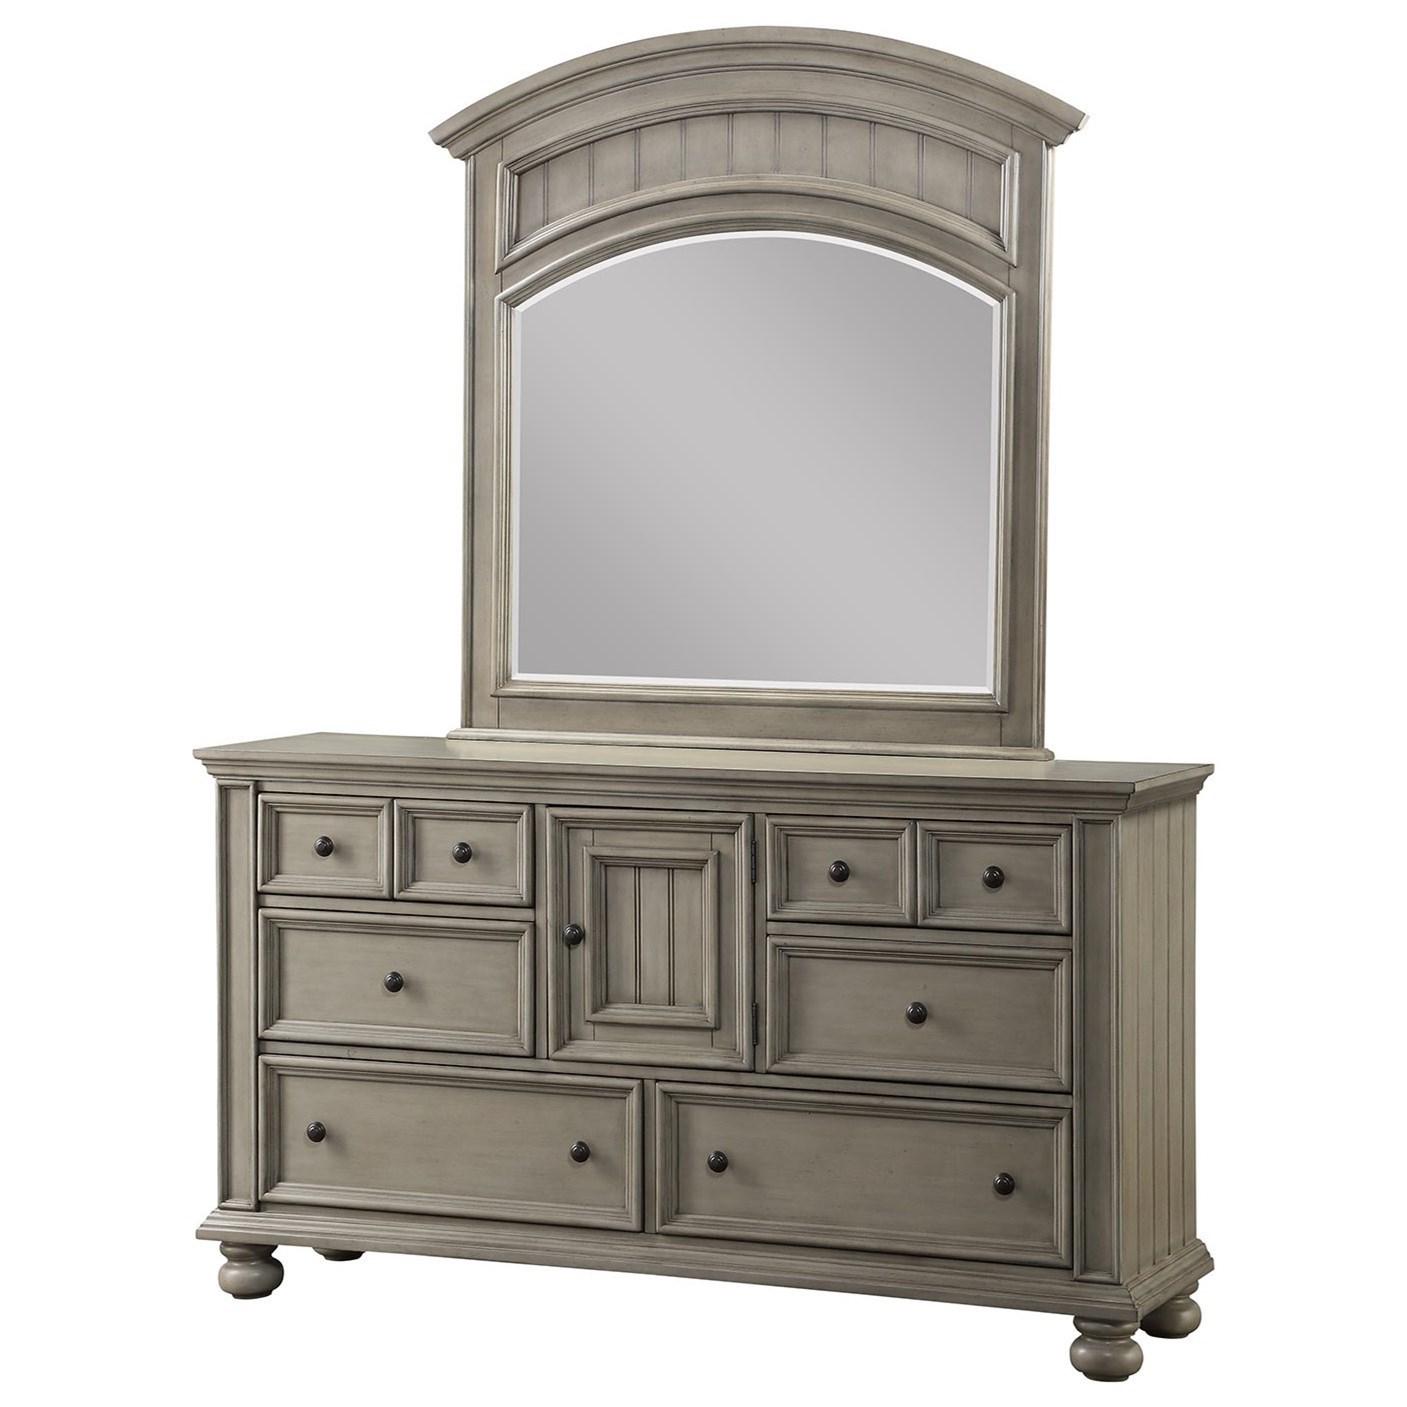 6-Drawer Dresser and Mirror